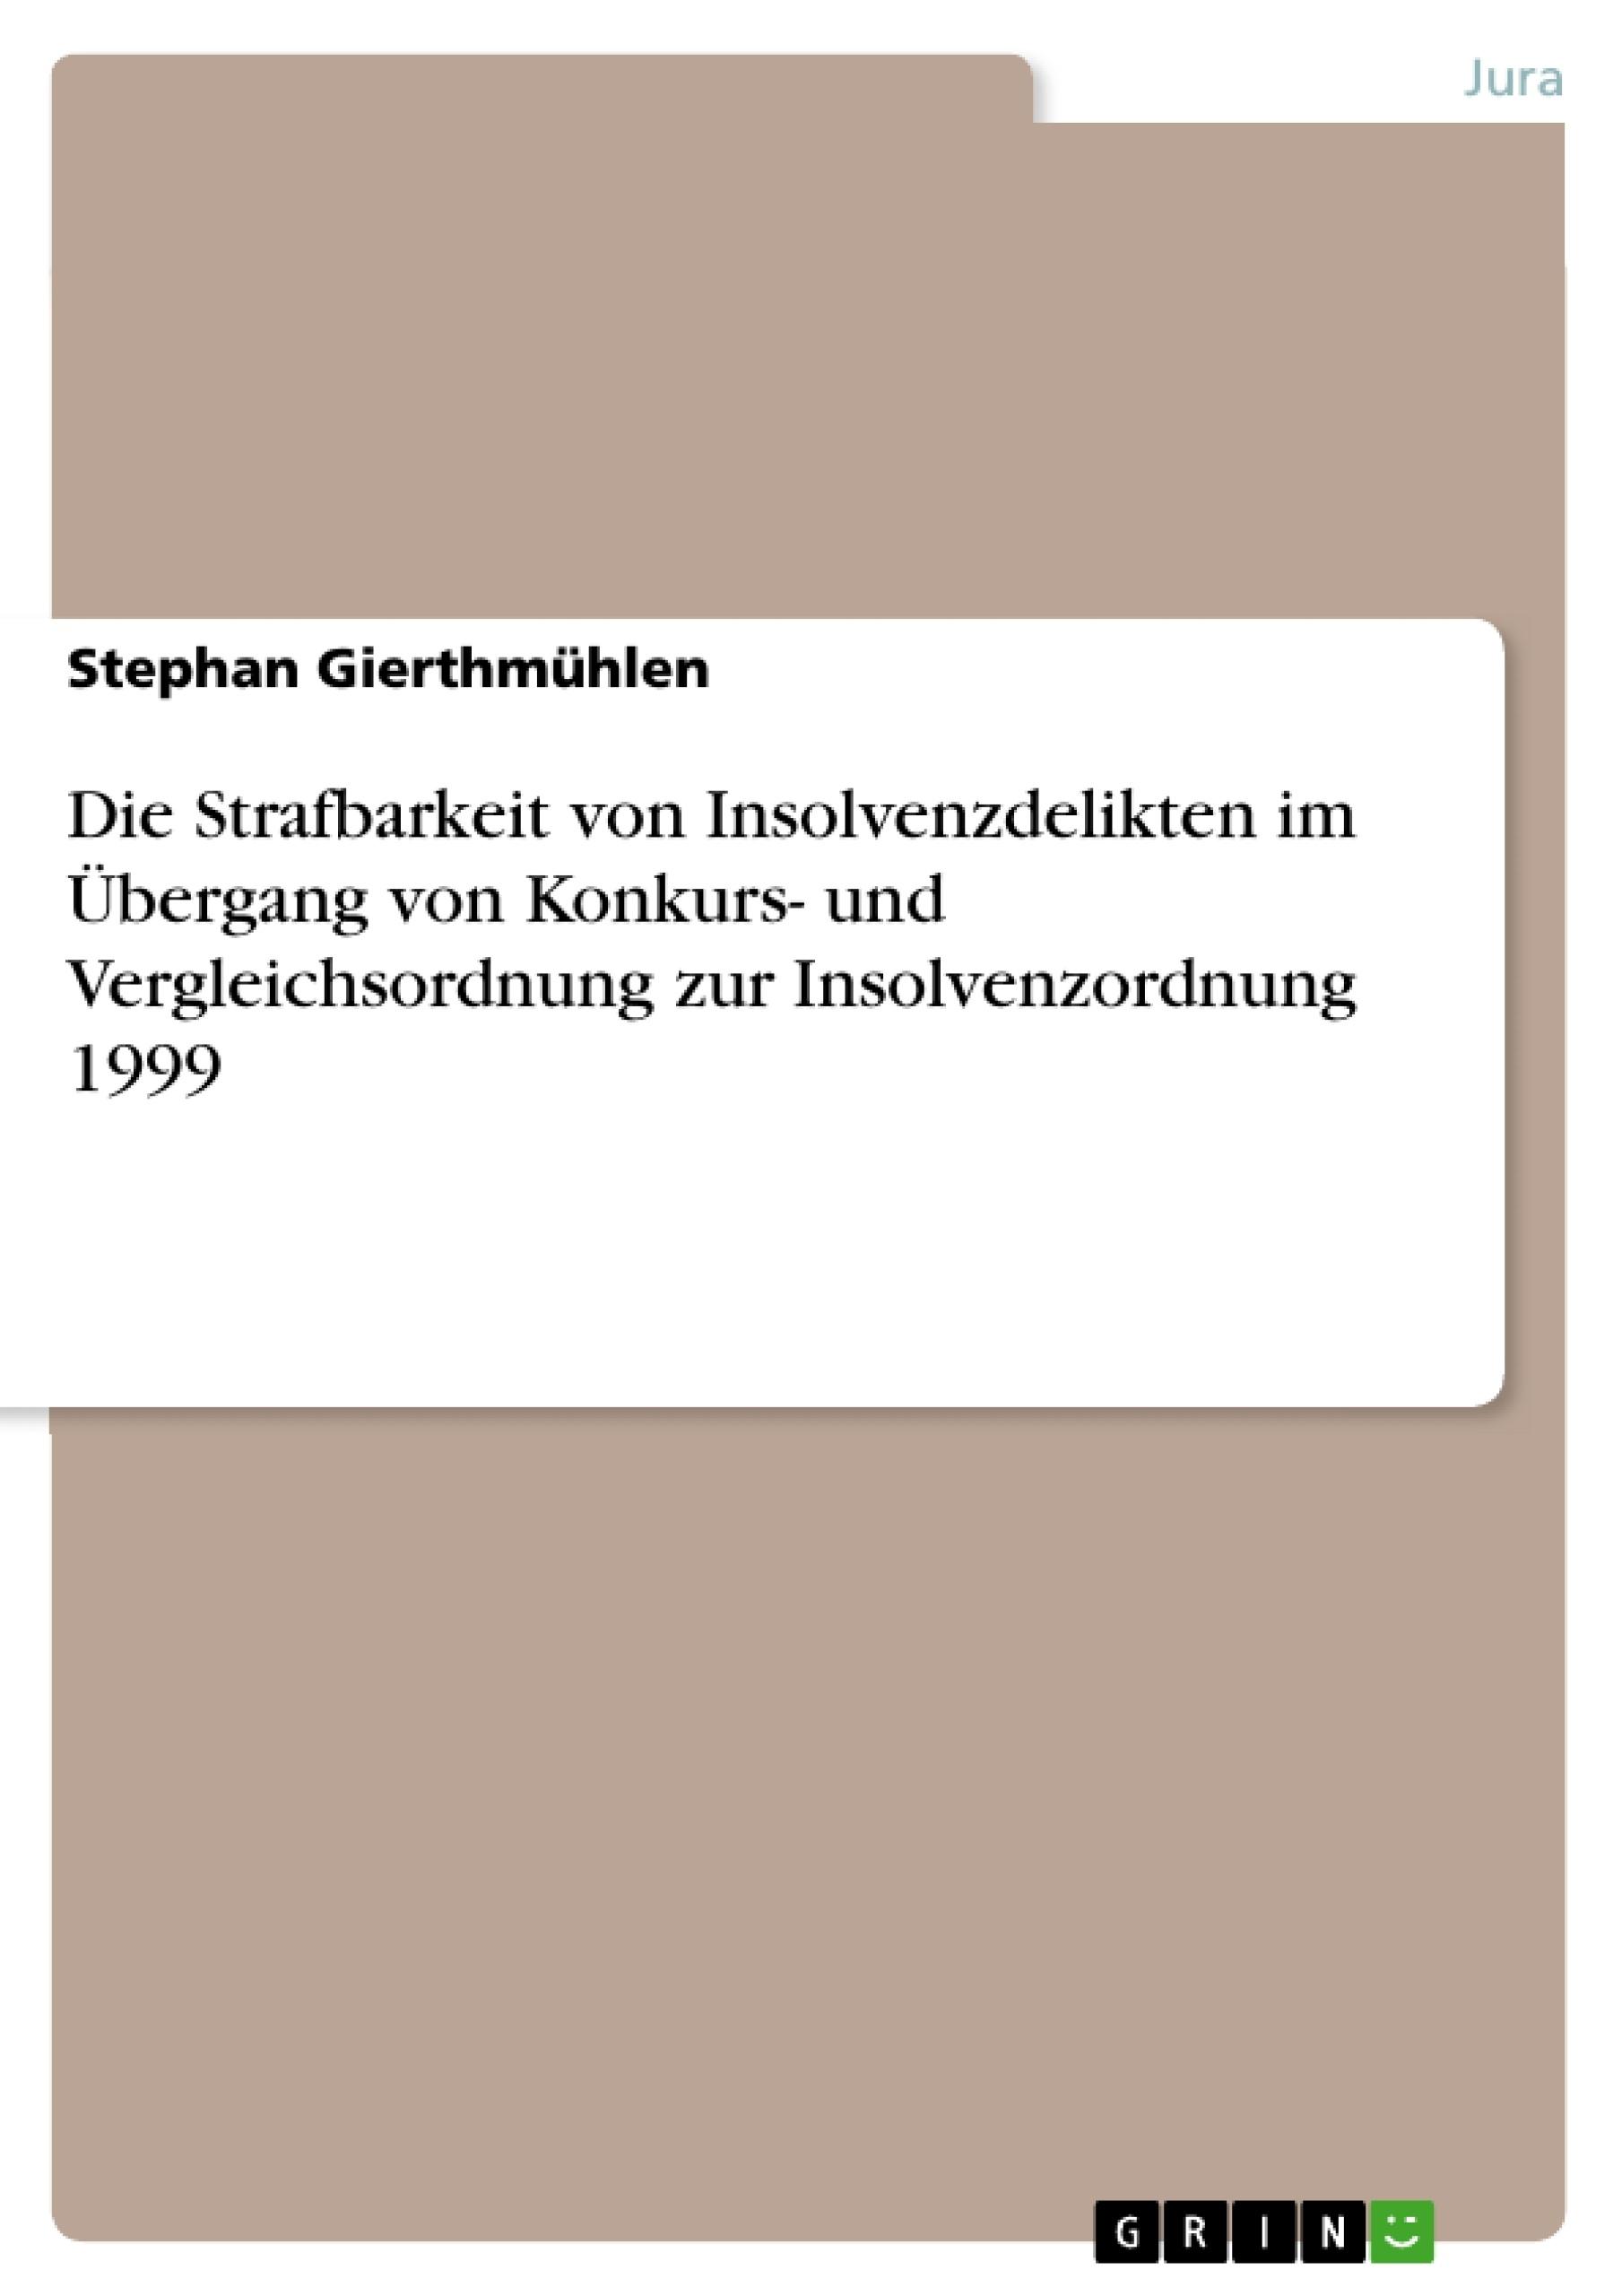 Titel: Die Strafbarkeit von Insolvenzdelikten im Übergang von Konkurs- und Vergleichsordnung zur Insolvenzordnung 1999